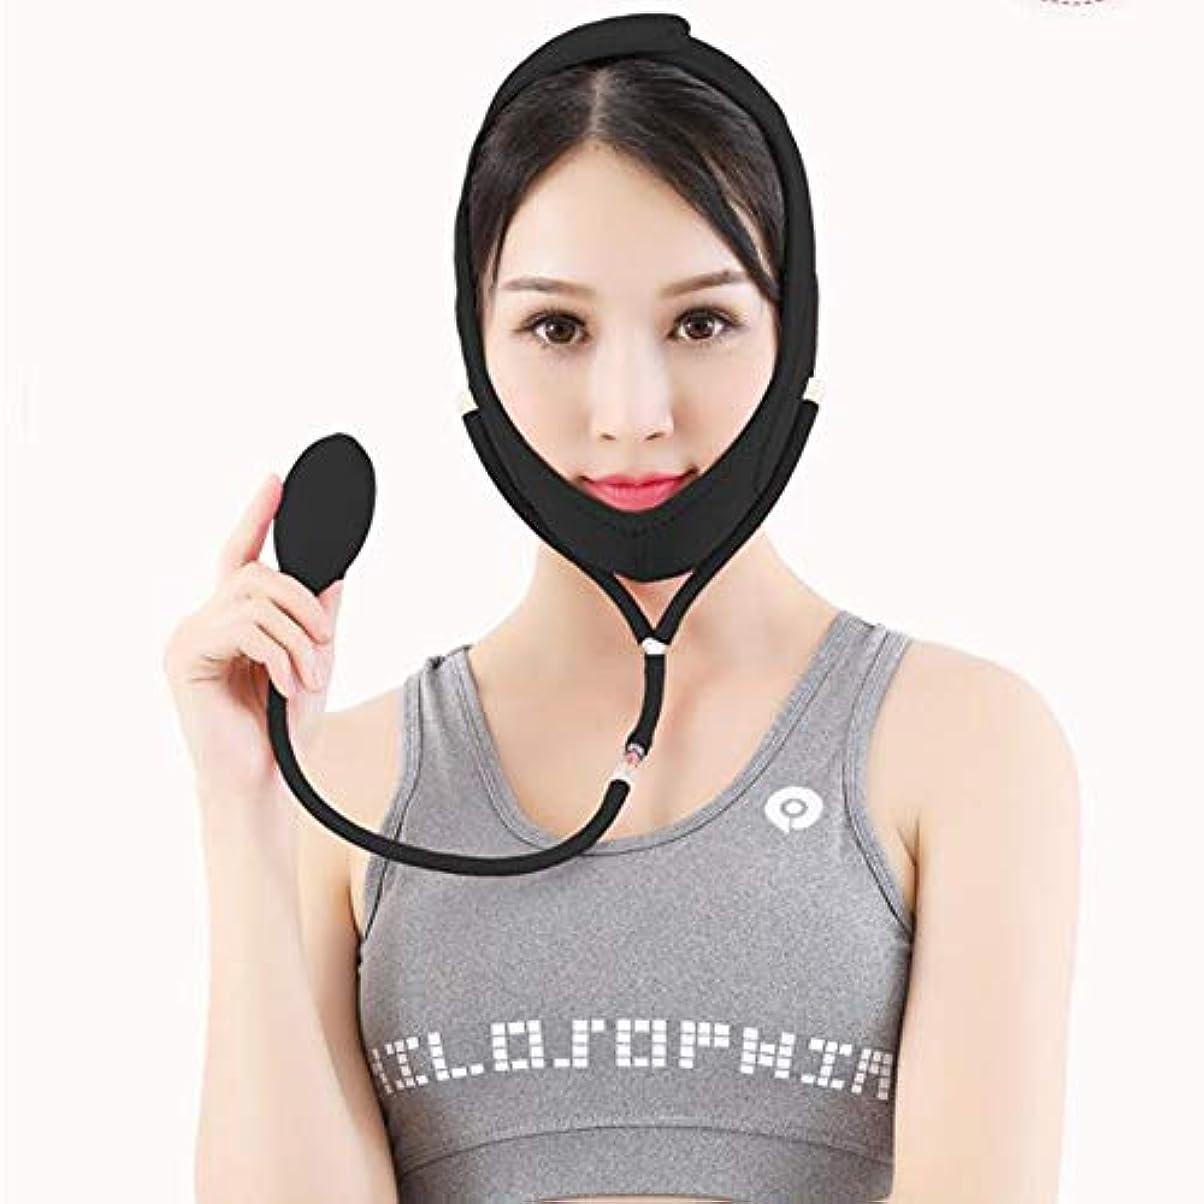 経営者アッティカスタンザニアGYZ フェイシャルリフティング痩身ベルトダブルエアバッグ圧力調整フェイス包帯マスク整形マスクが顔を引き締める Thin Face Belt (Color : Black, Size : M)